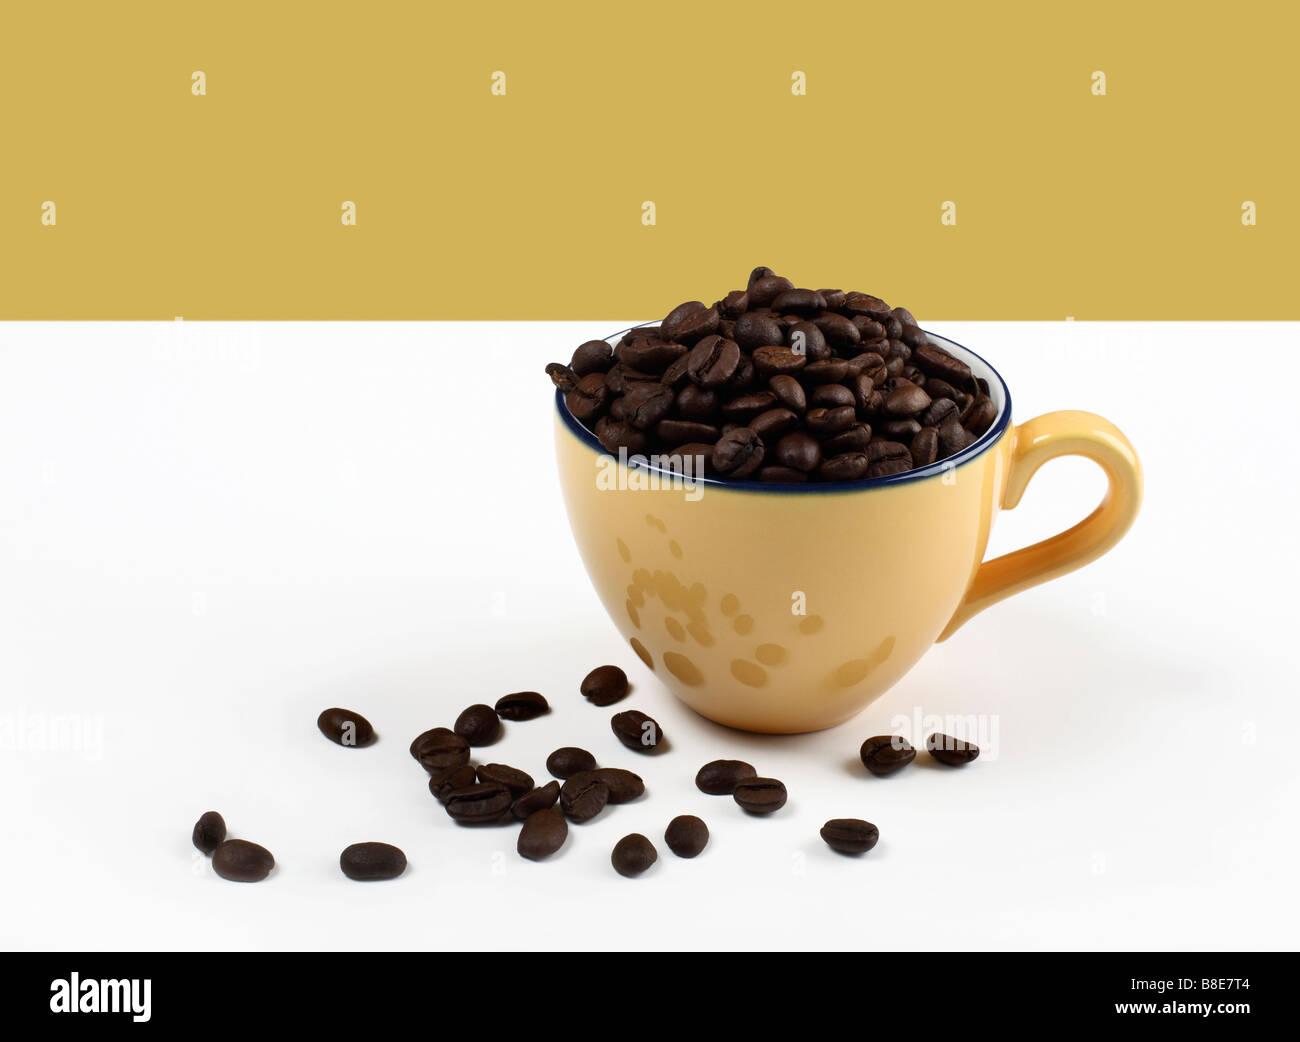 Llena la taza de café con granos de café. Imagen De Stock